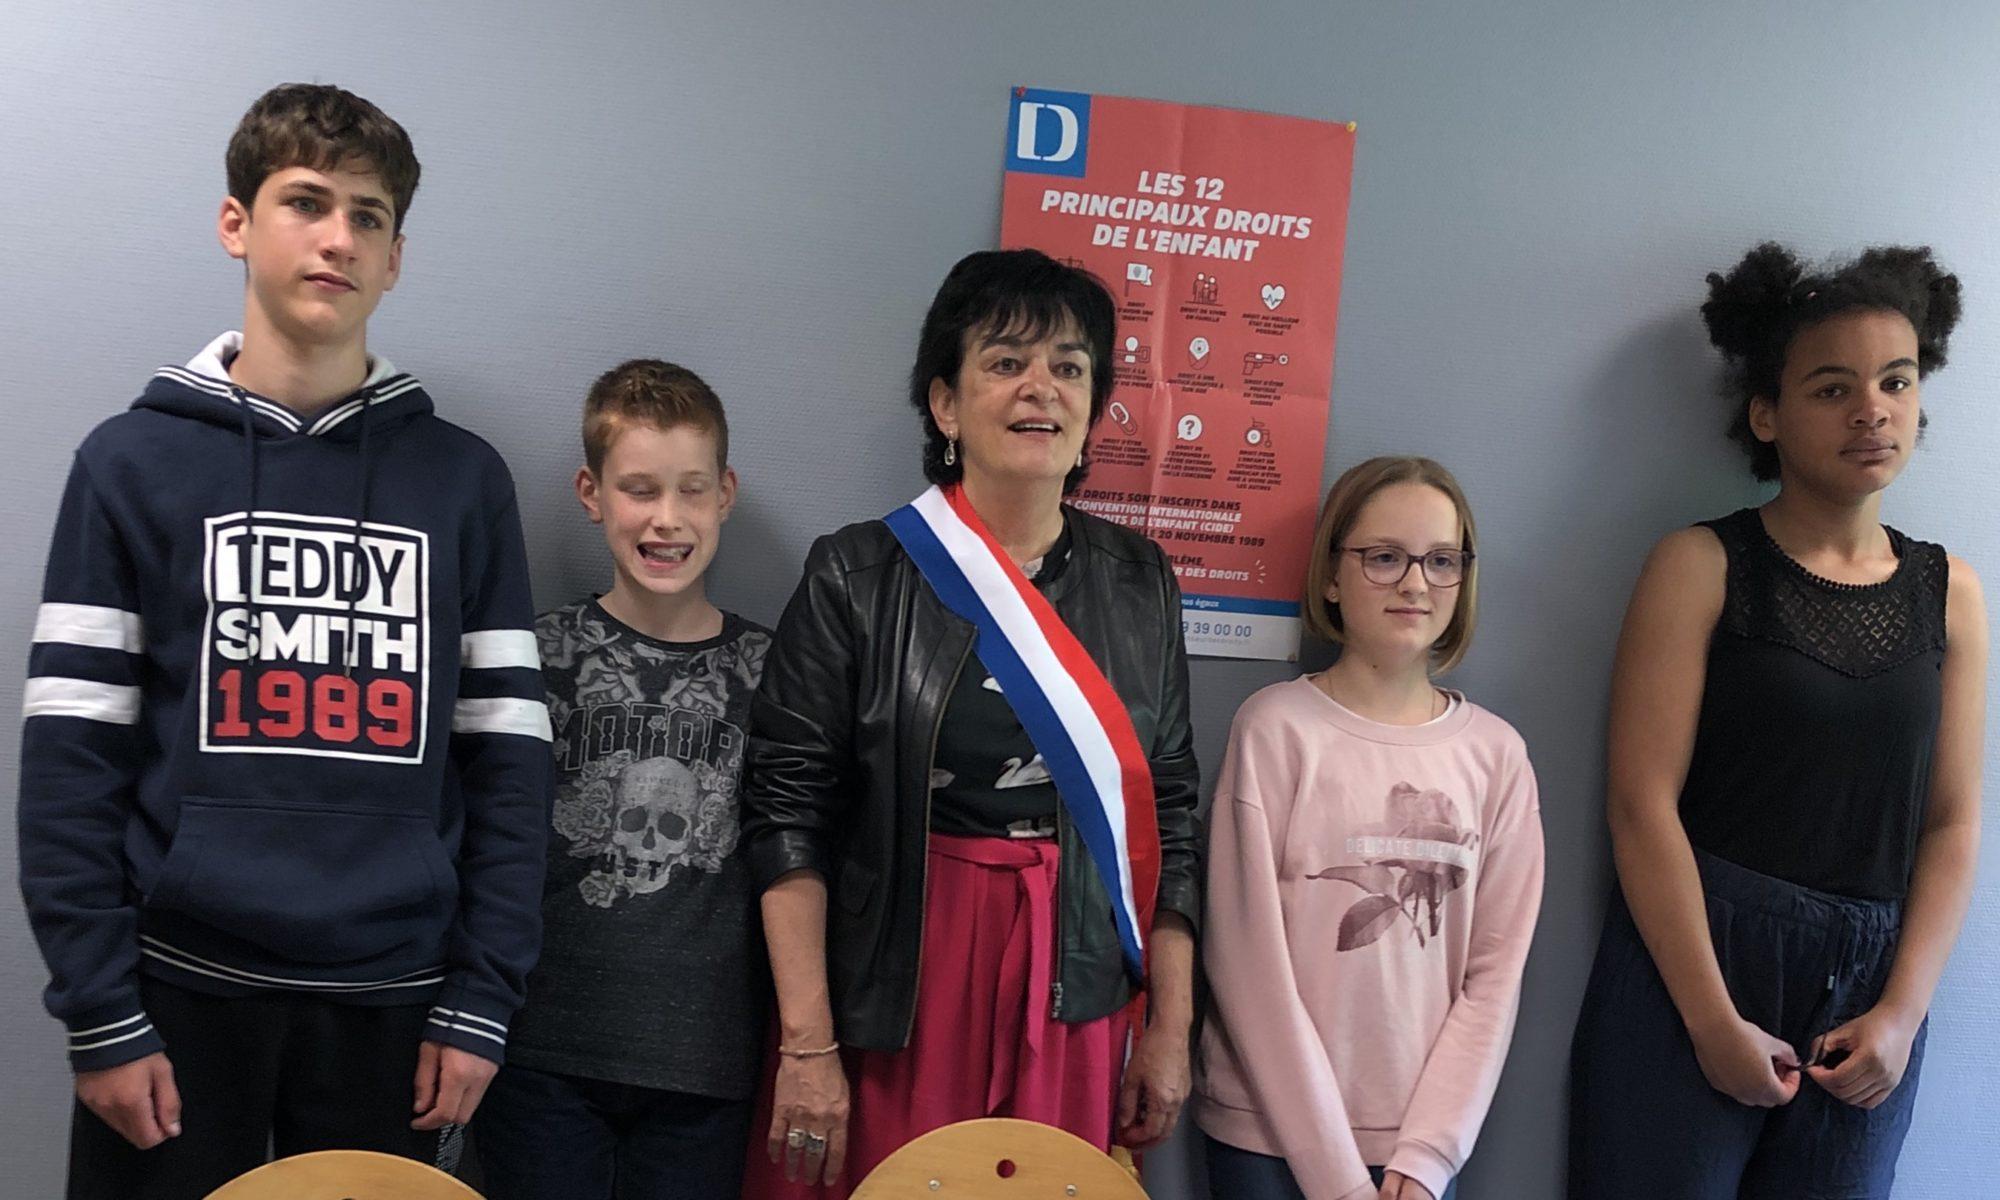 Michelle Meunier entourée des collégien·ne·s de Debussy à Nantes, qui se sont intéressés aux violences éducatives ordinaires.